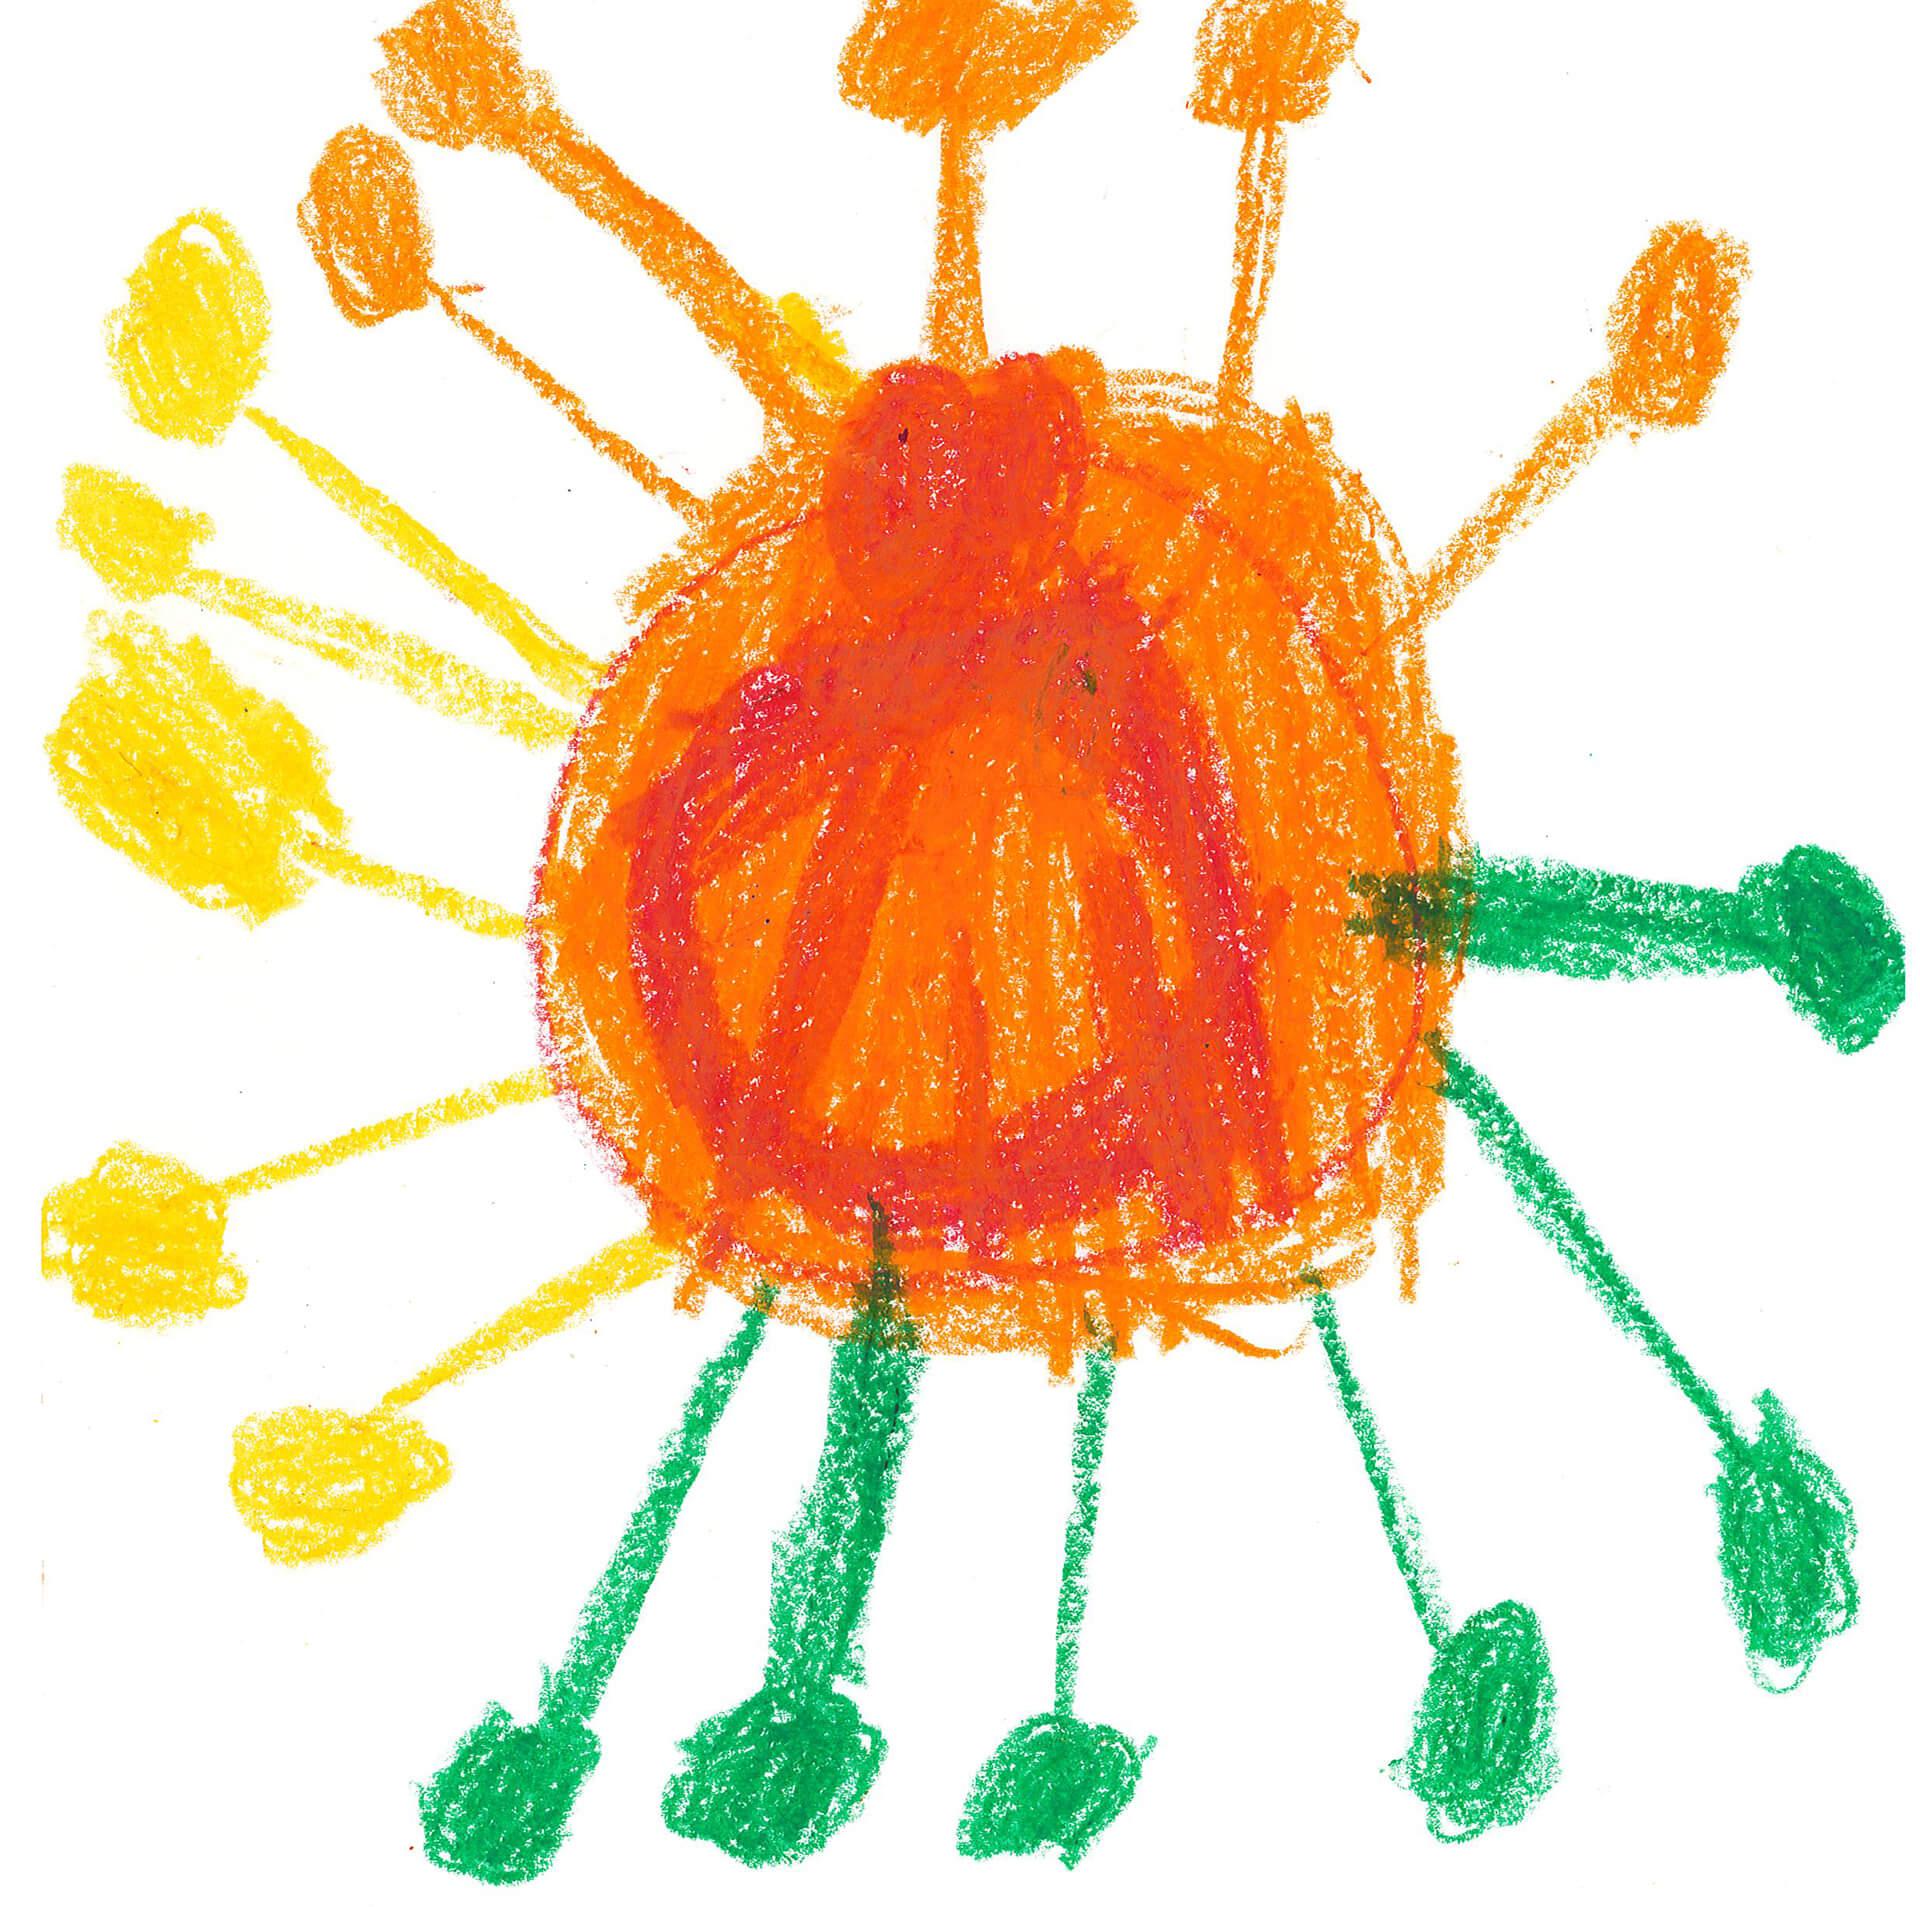 Orange, gelb, grün: Das Corona-Virus hat viele verschiedene Seiten.